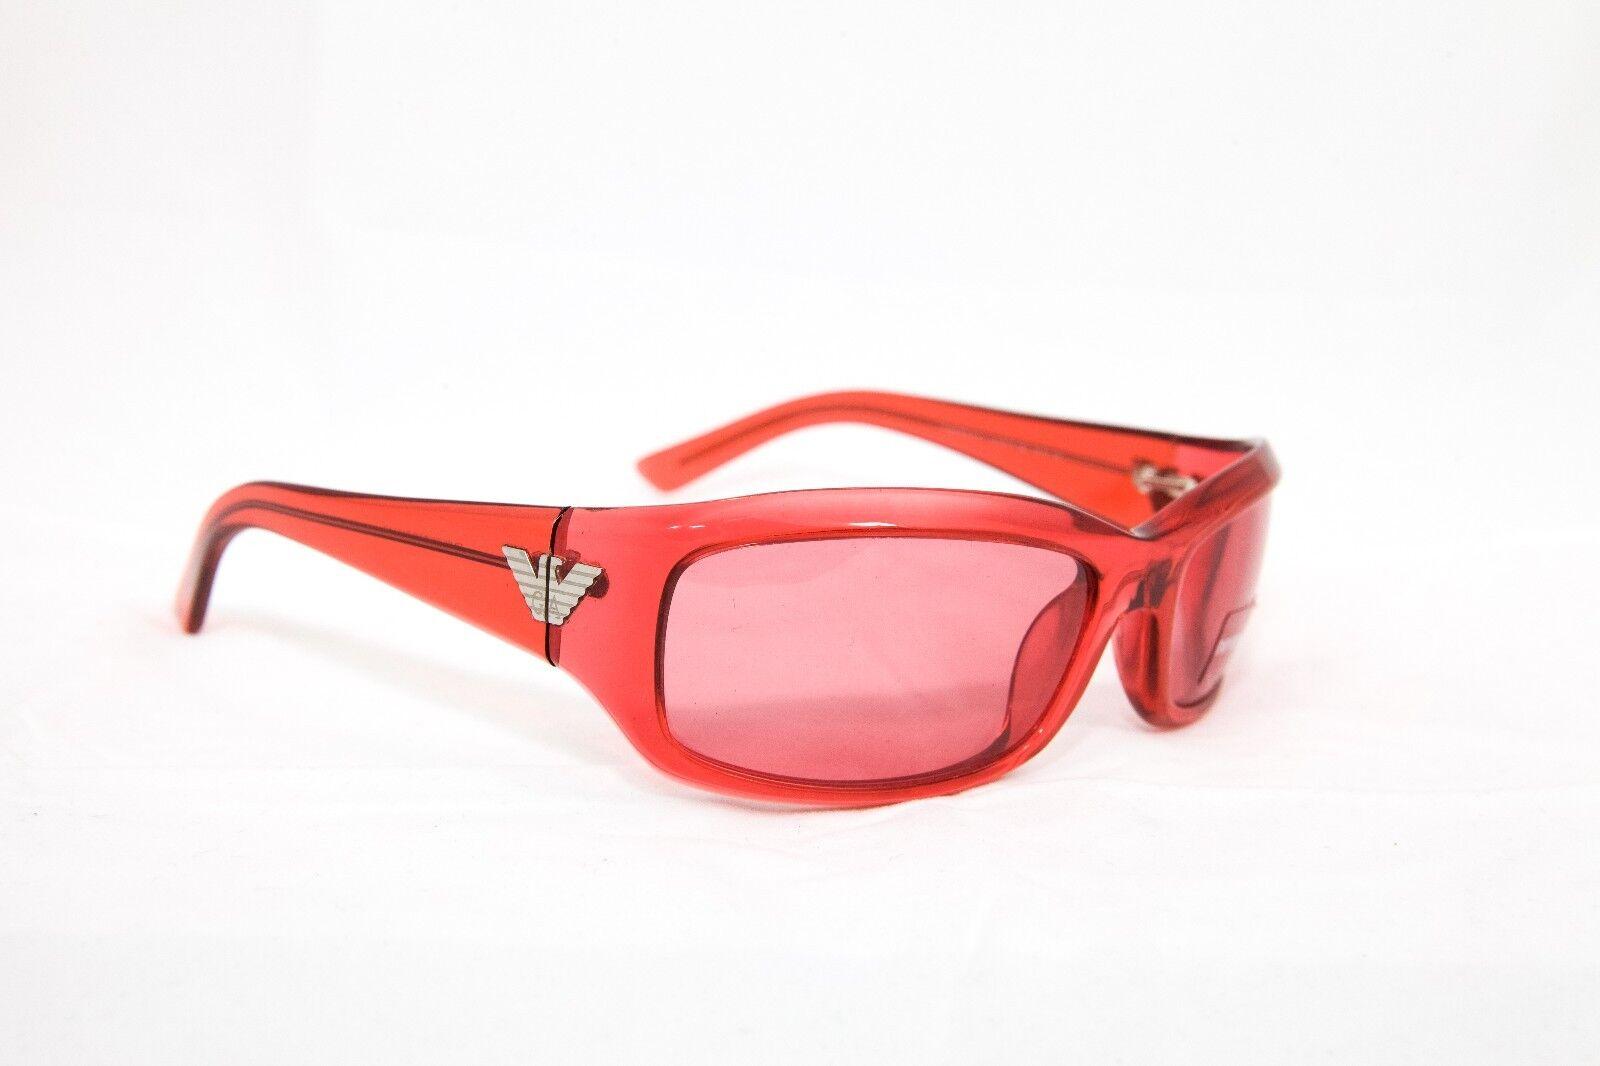 c6b36eda129 Emporio Armani Rimmed Sunglasses EA 9158 s Mo6 for sale online